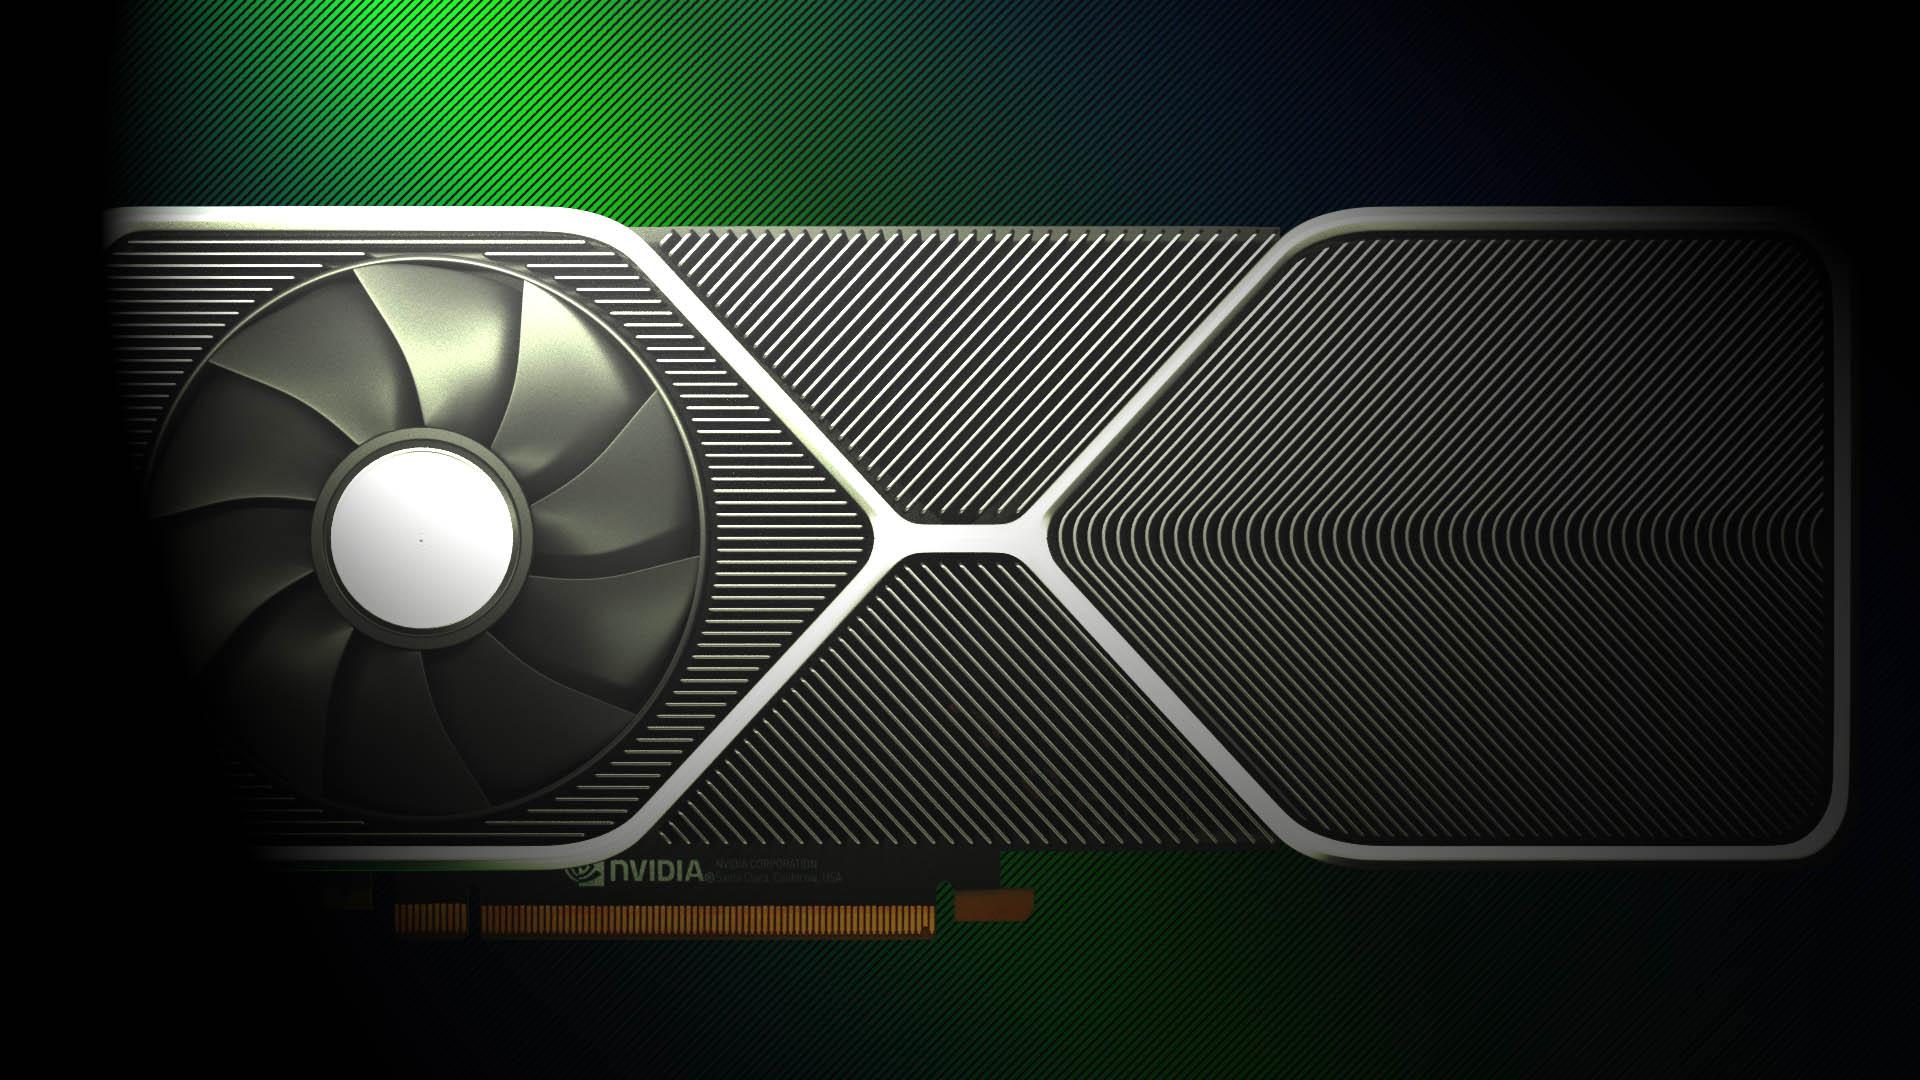 Nvidia prepara un evento sorpresa para el 1 de septiembre con una especial cuenta regresiva